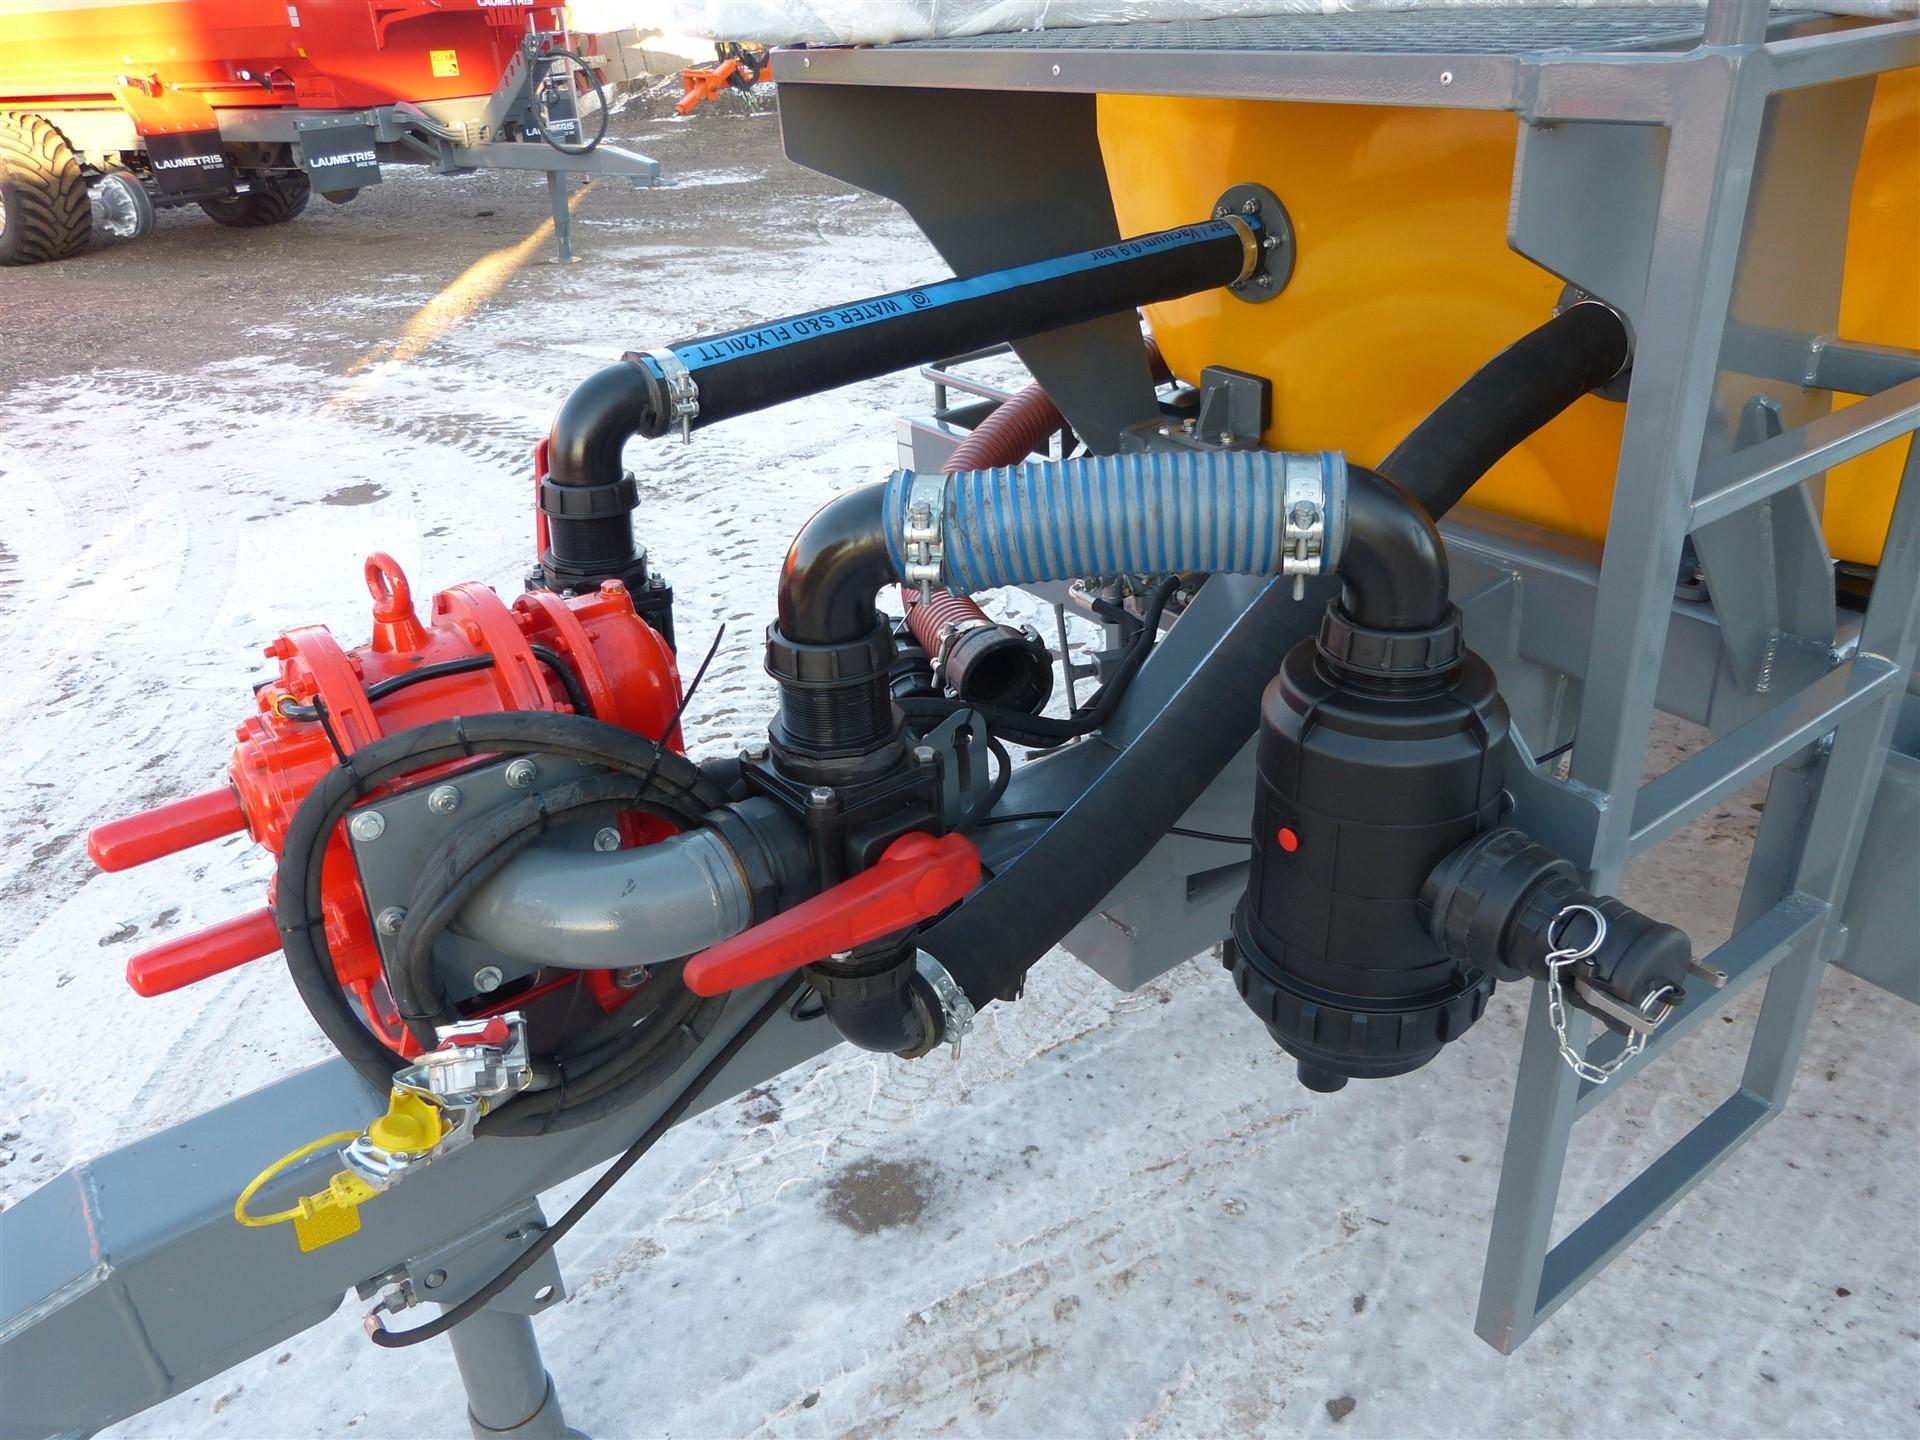 Cisterninė puspriekabė PTL-6V vandenvežis, Laumetris